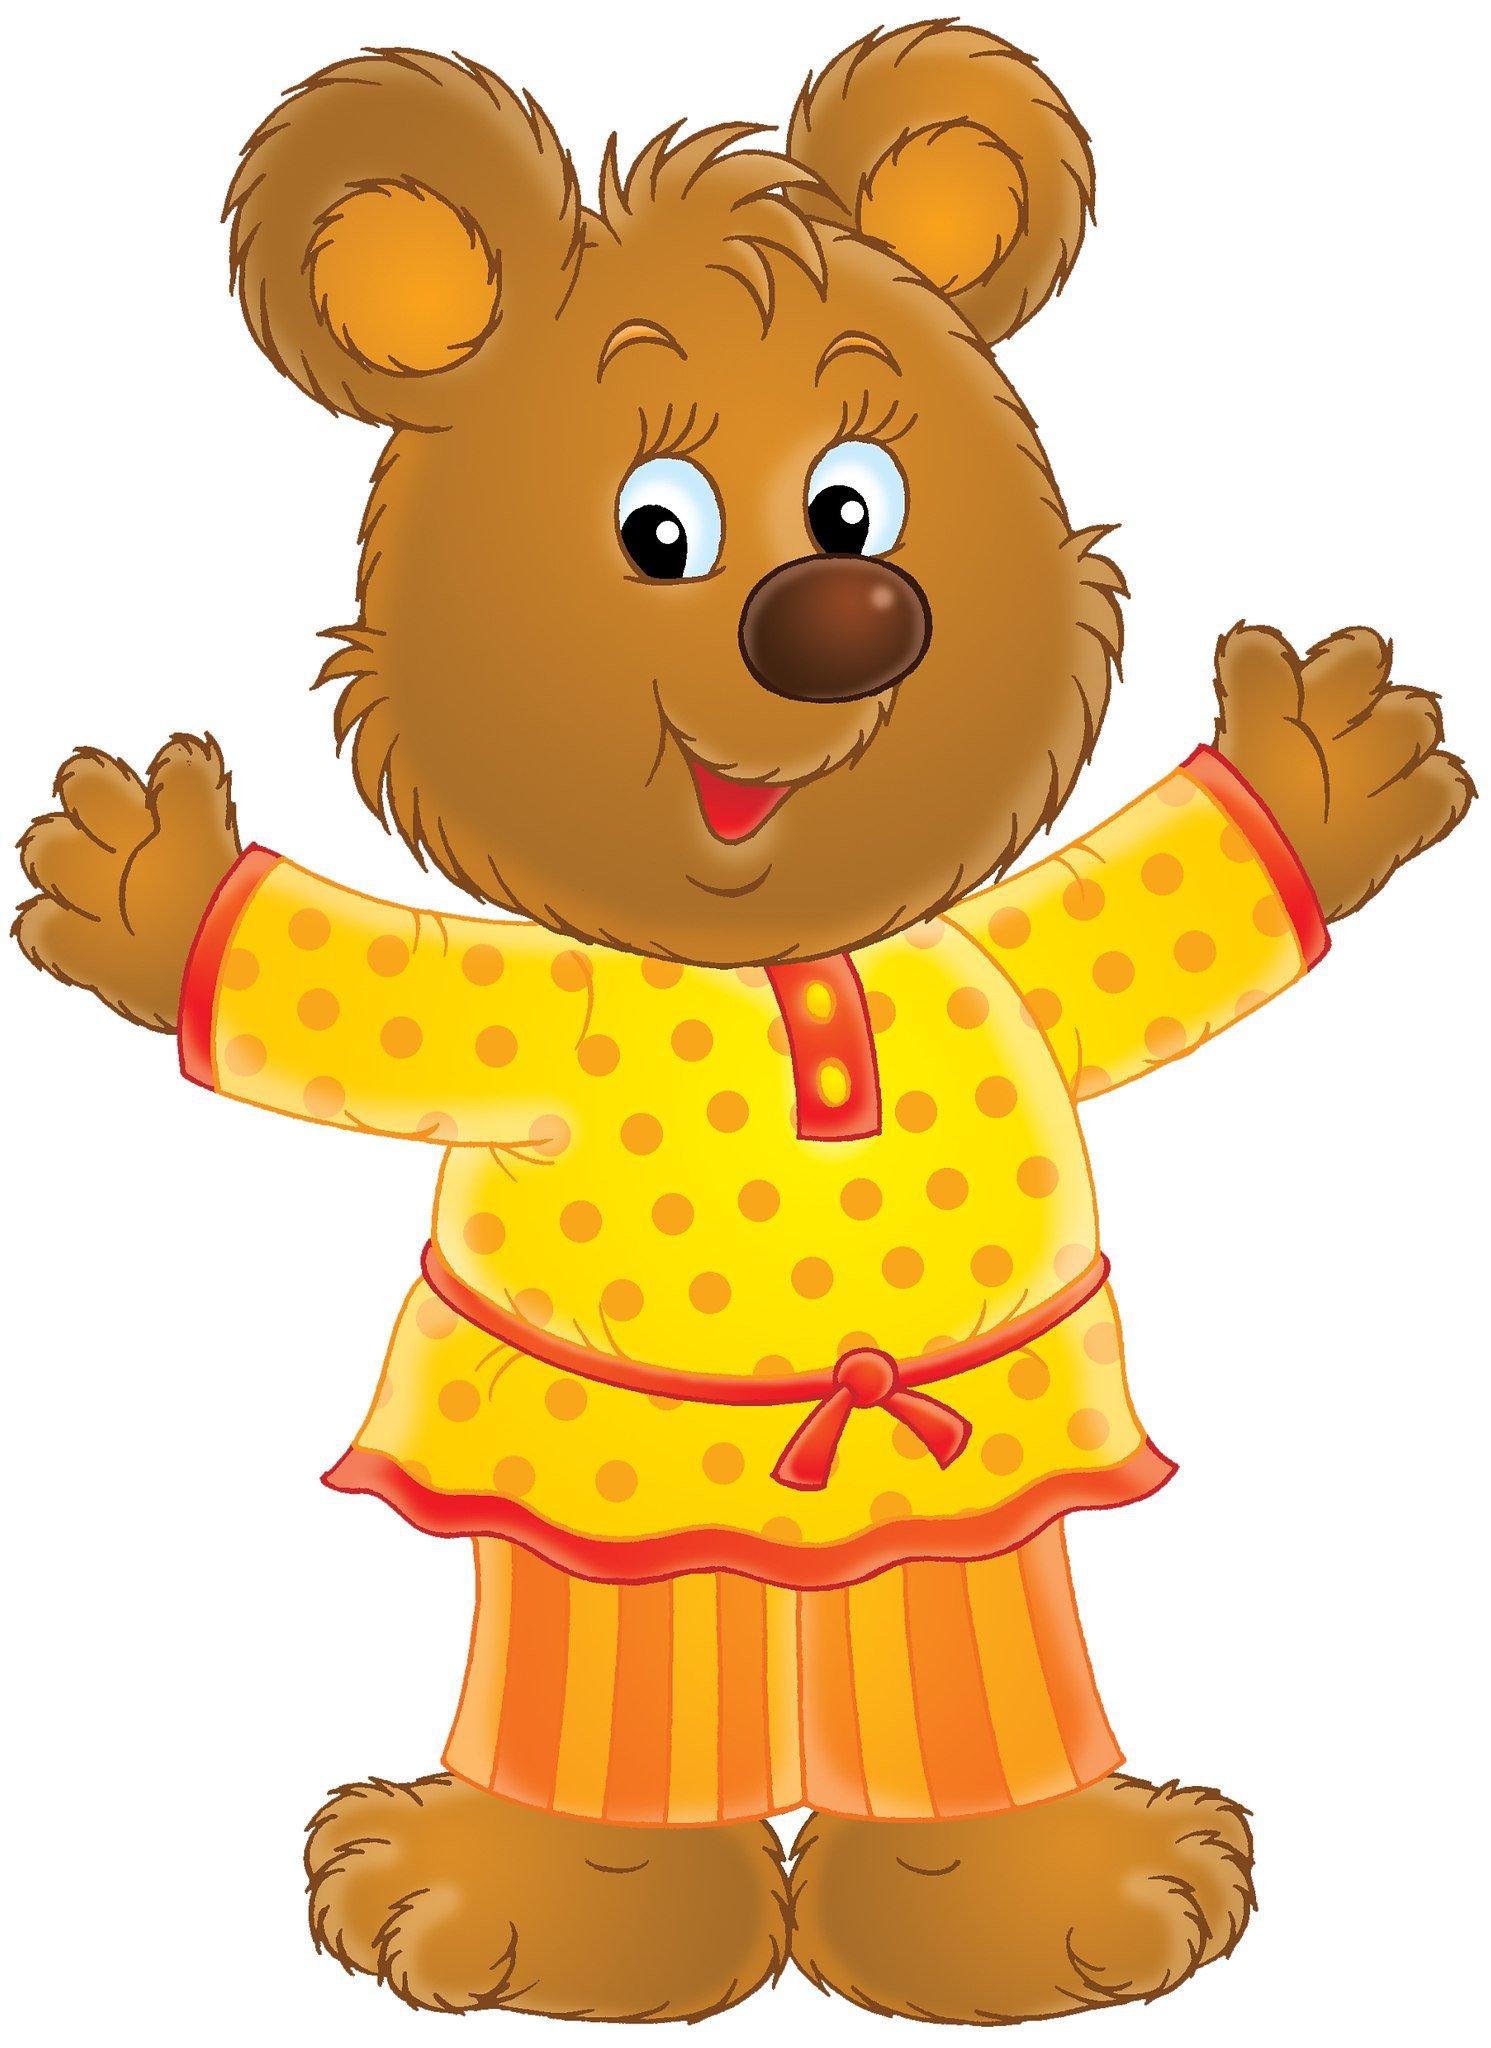 картинка медвежонка сказочного ему, сможете приготовить